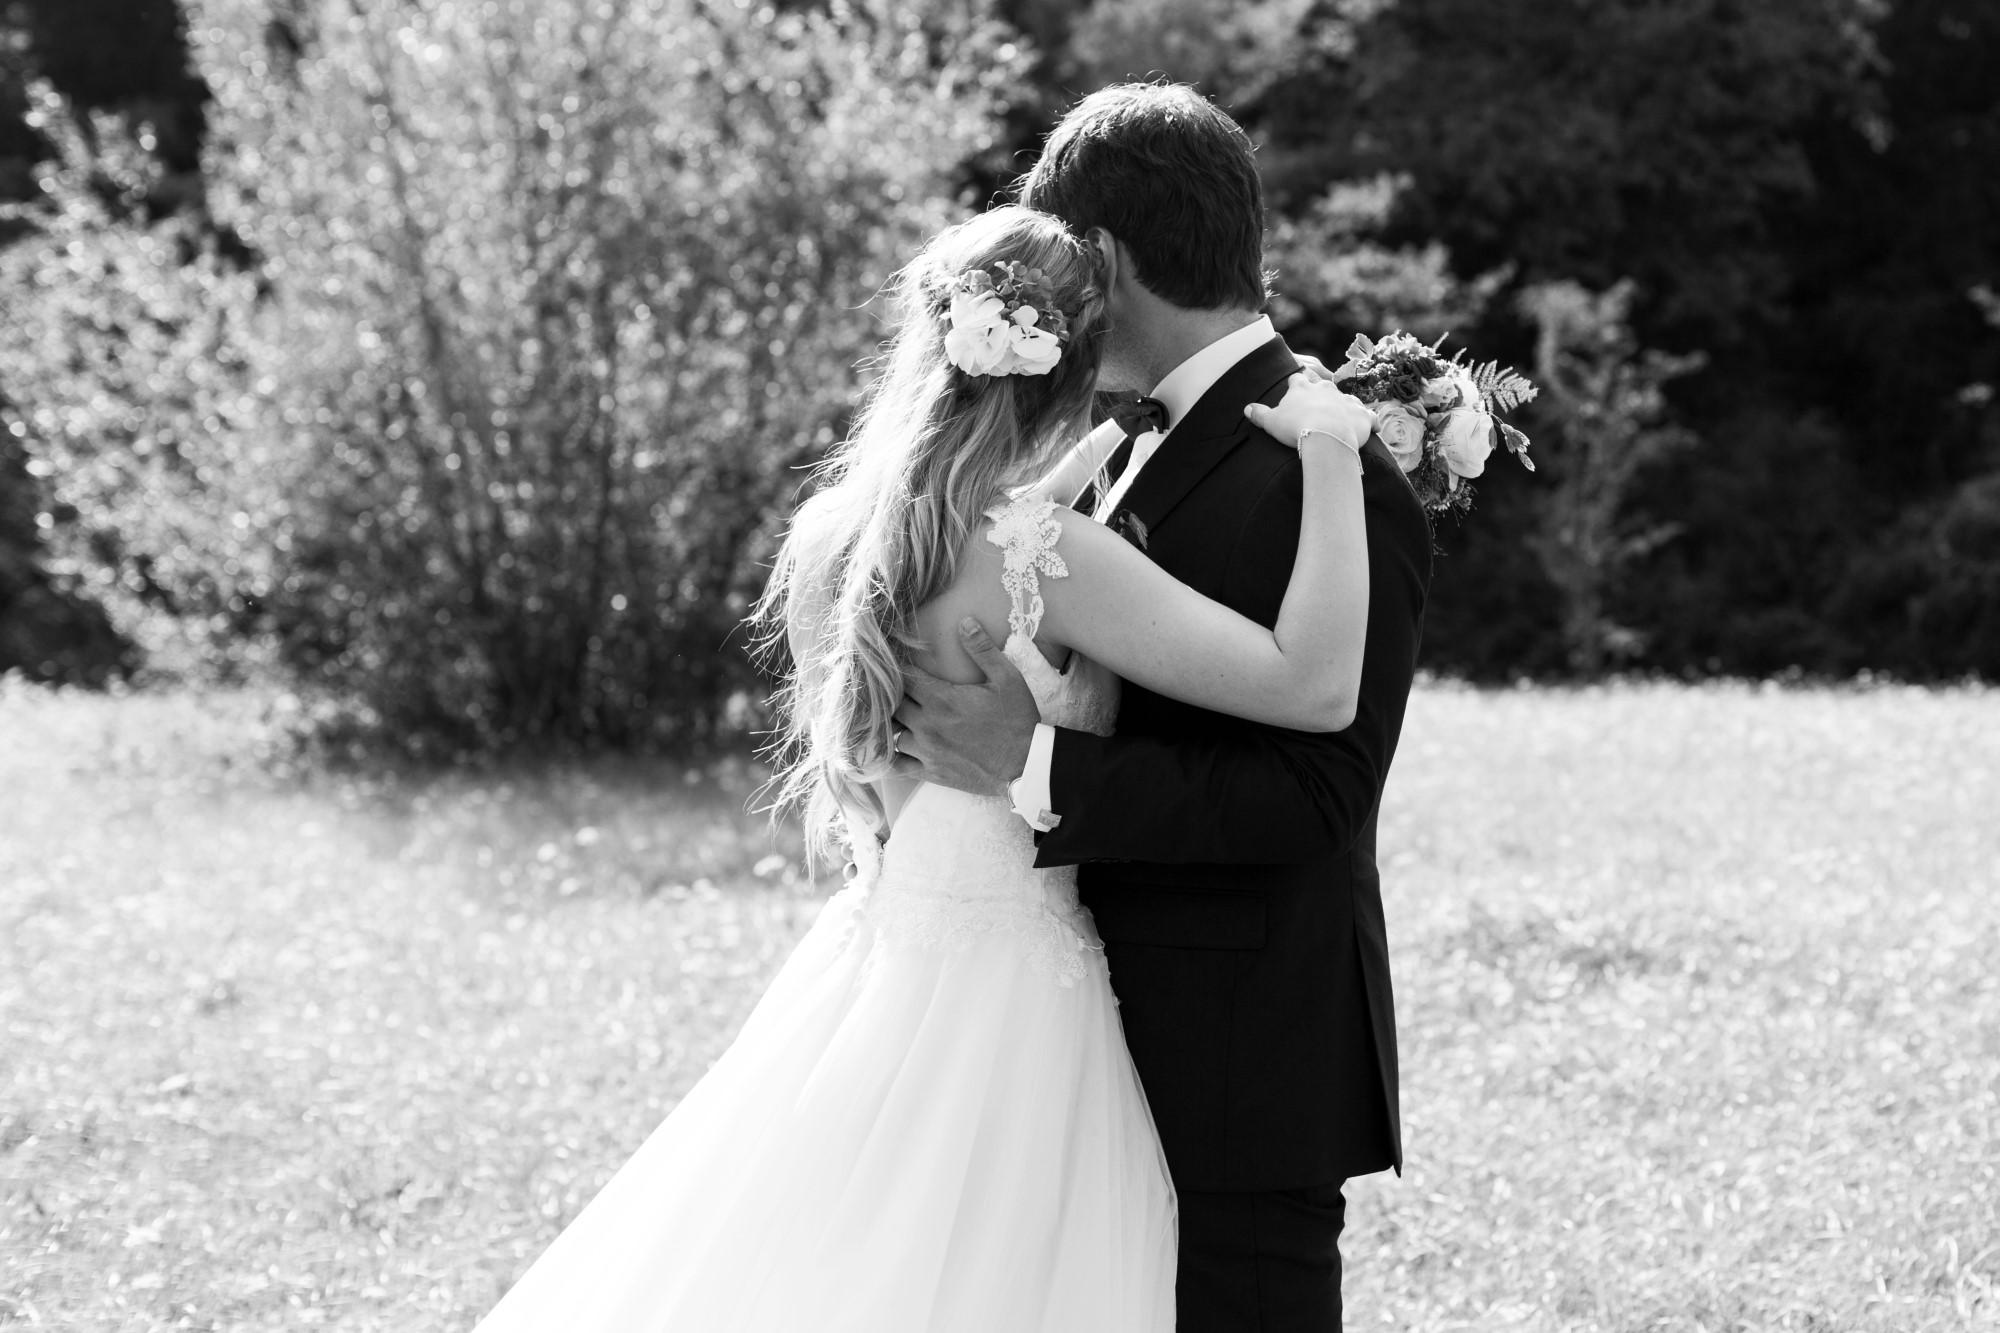 Das Brautpaar blickt in die Ferne